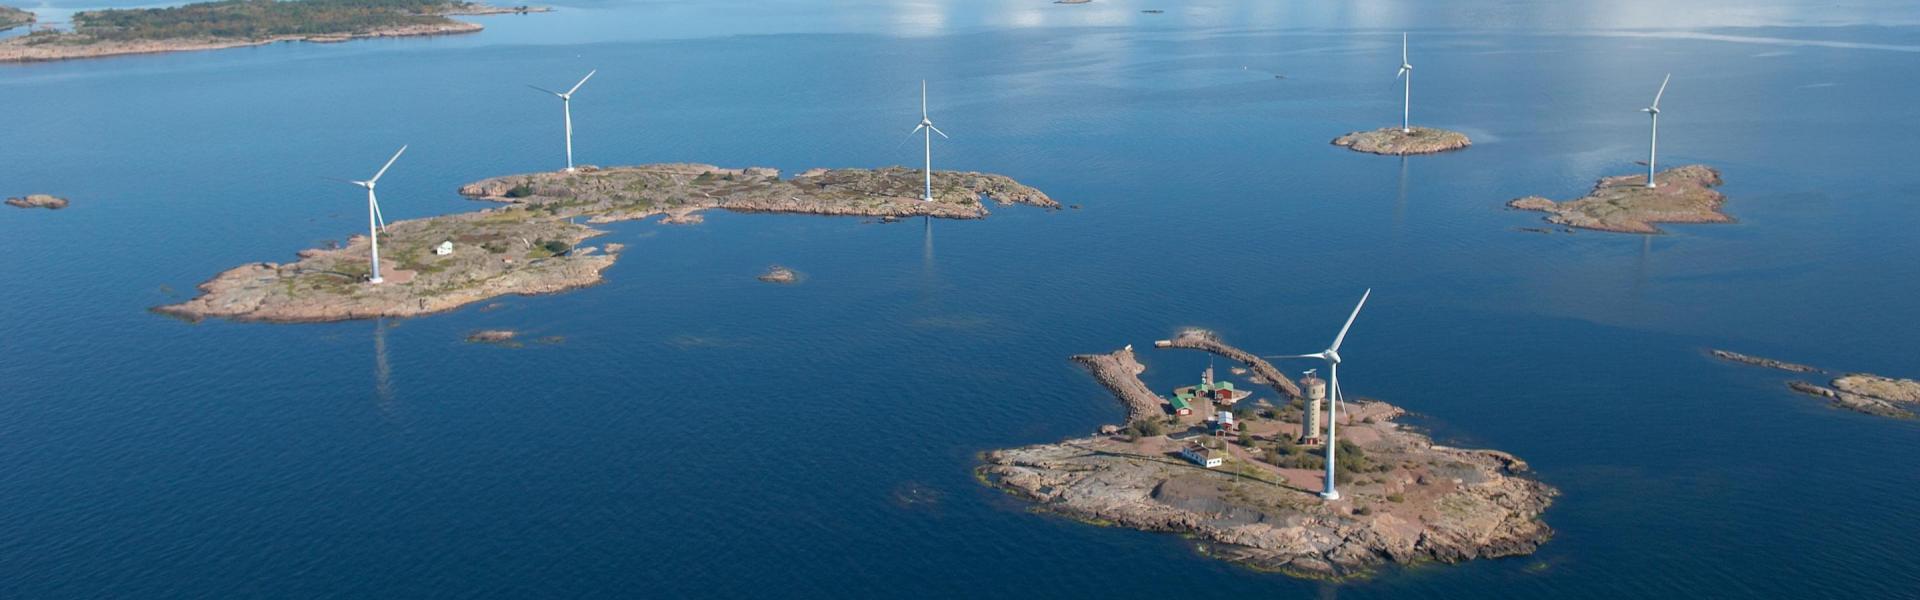 Vi nyttjar åländsk grön el!